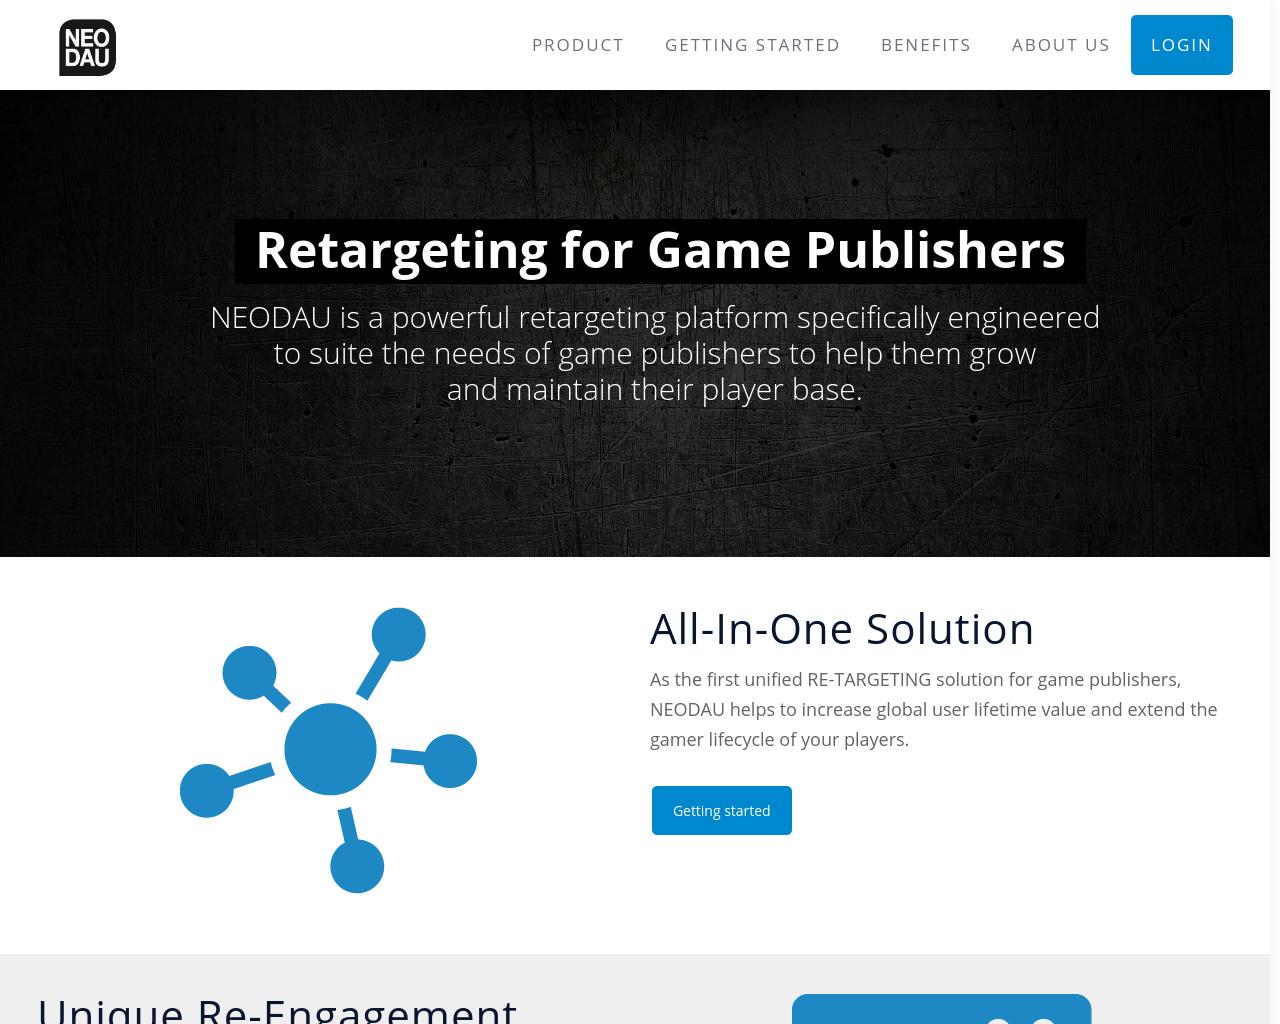 Neodau-Advertising-Reviews-Pricing